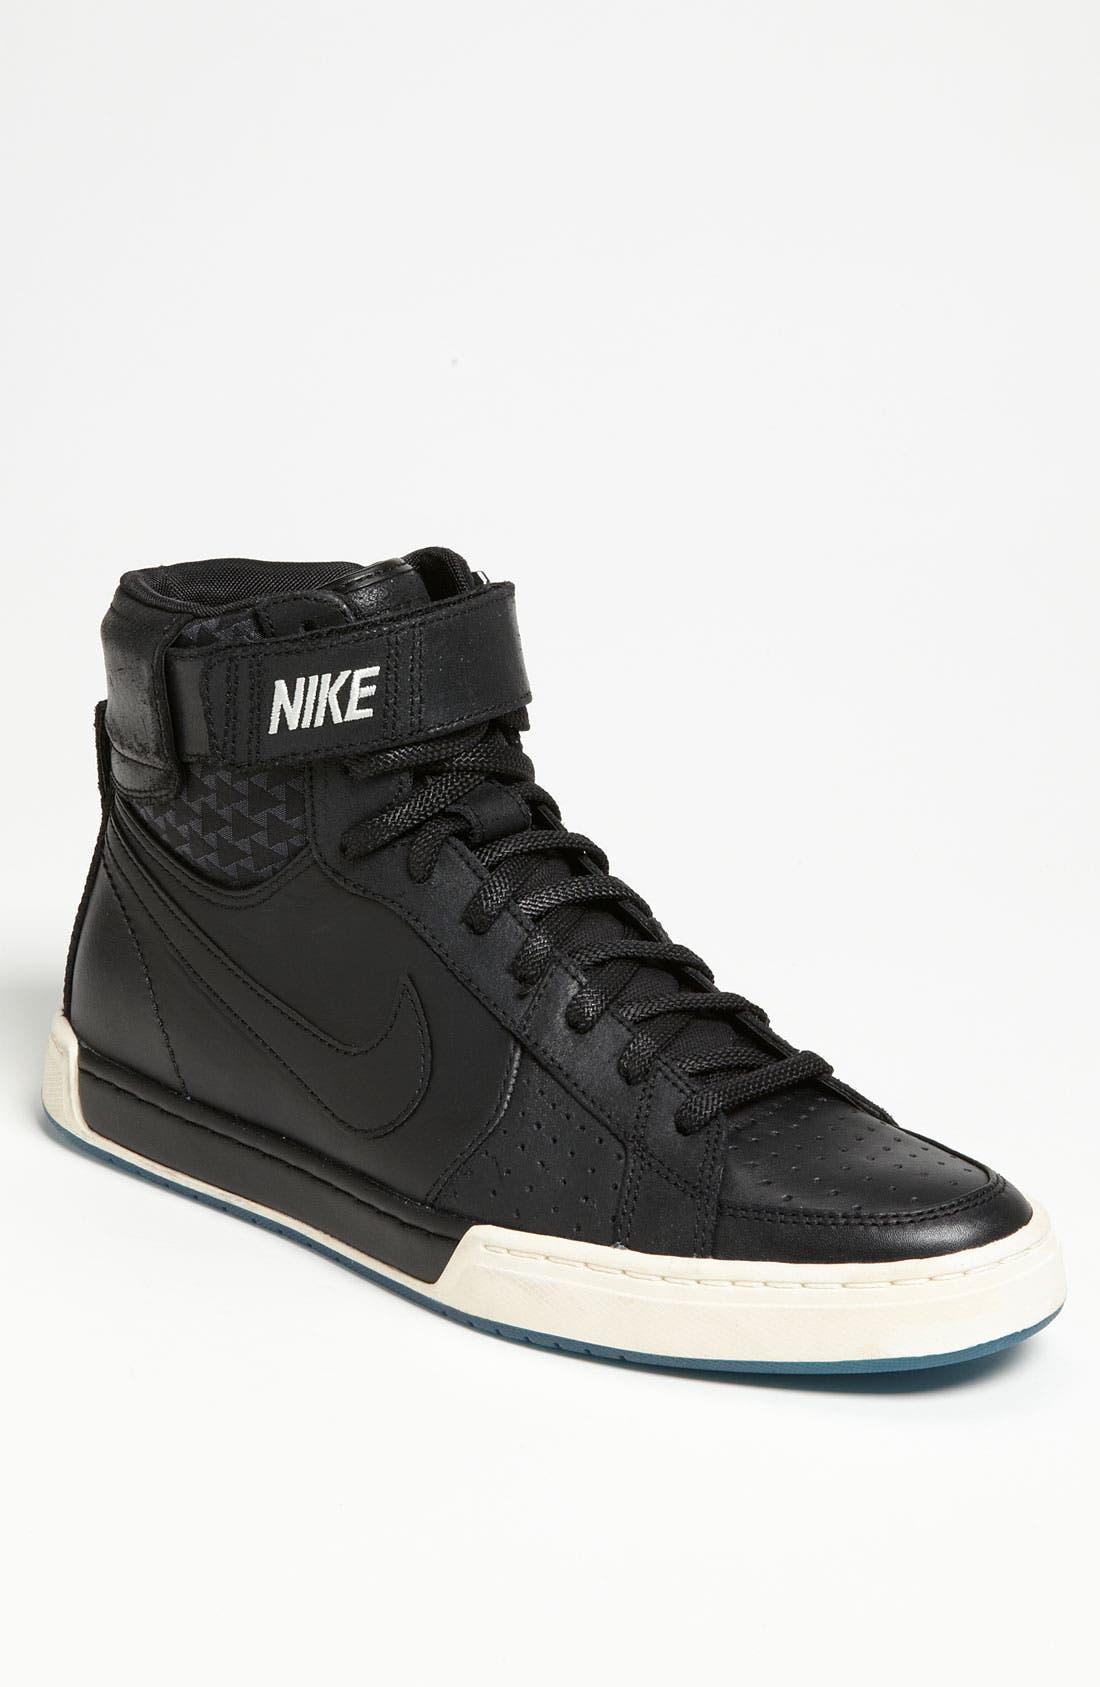 Main Image - Nike 'Air Flytop' Sneaker